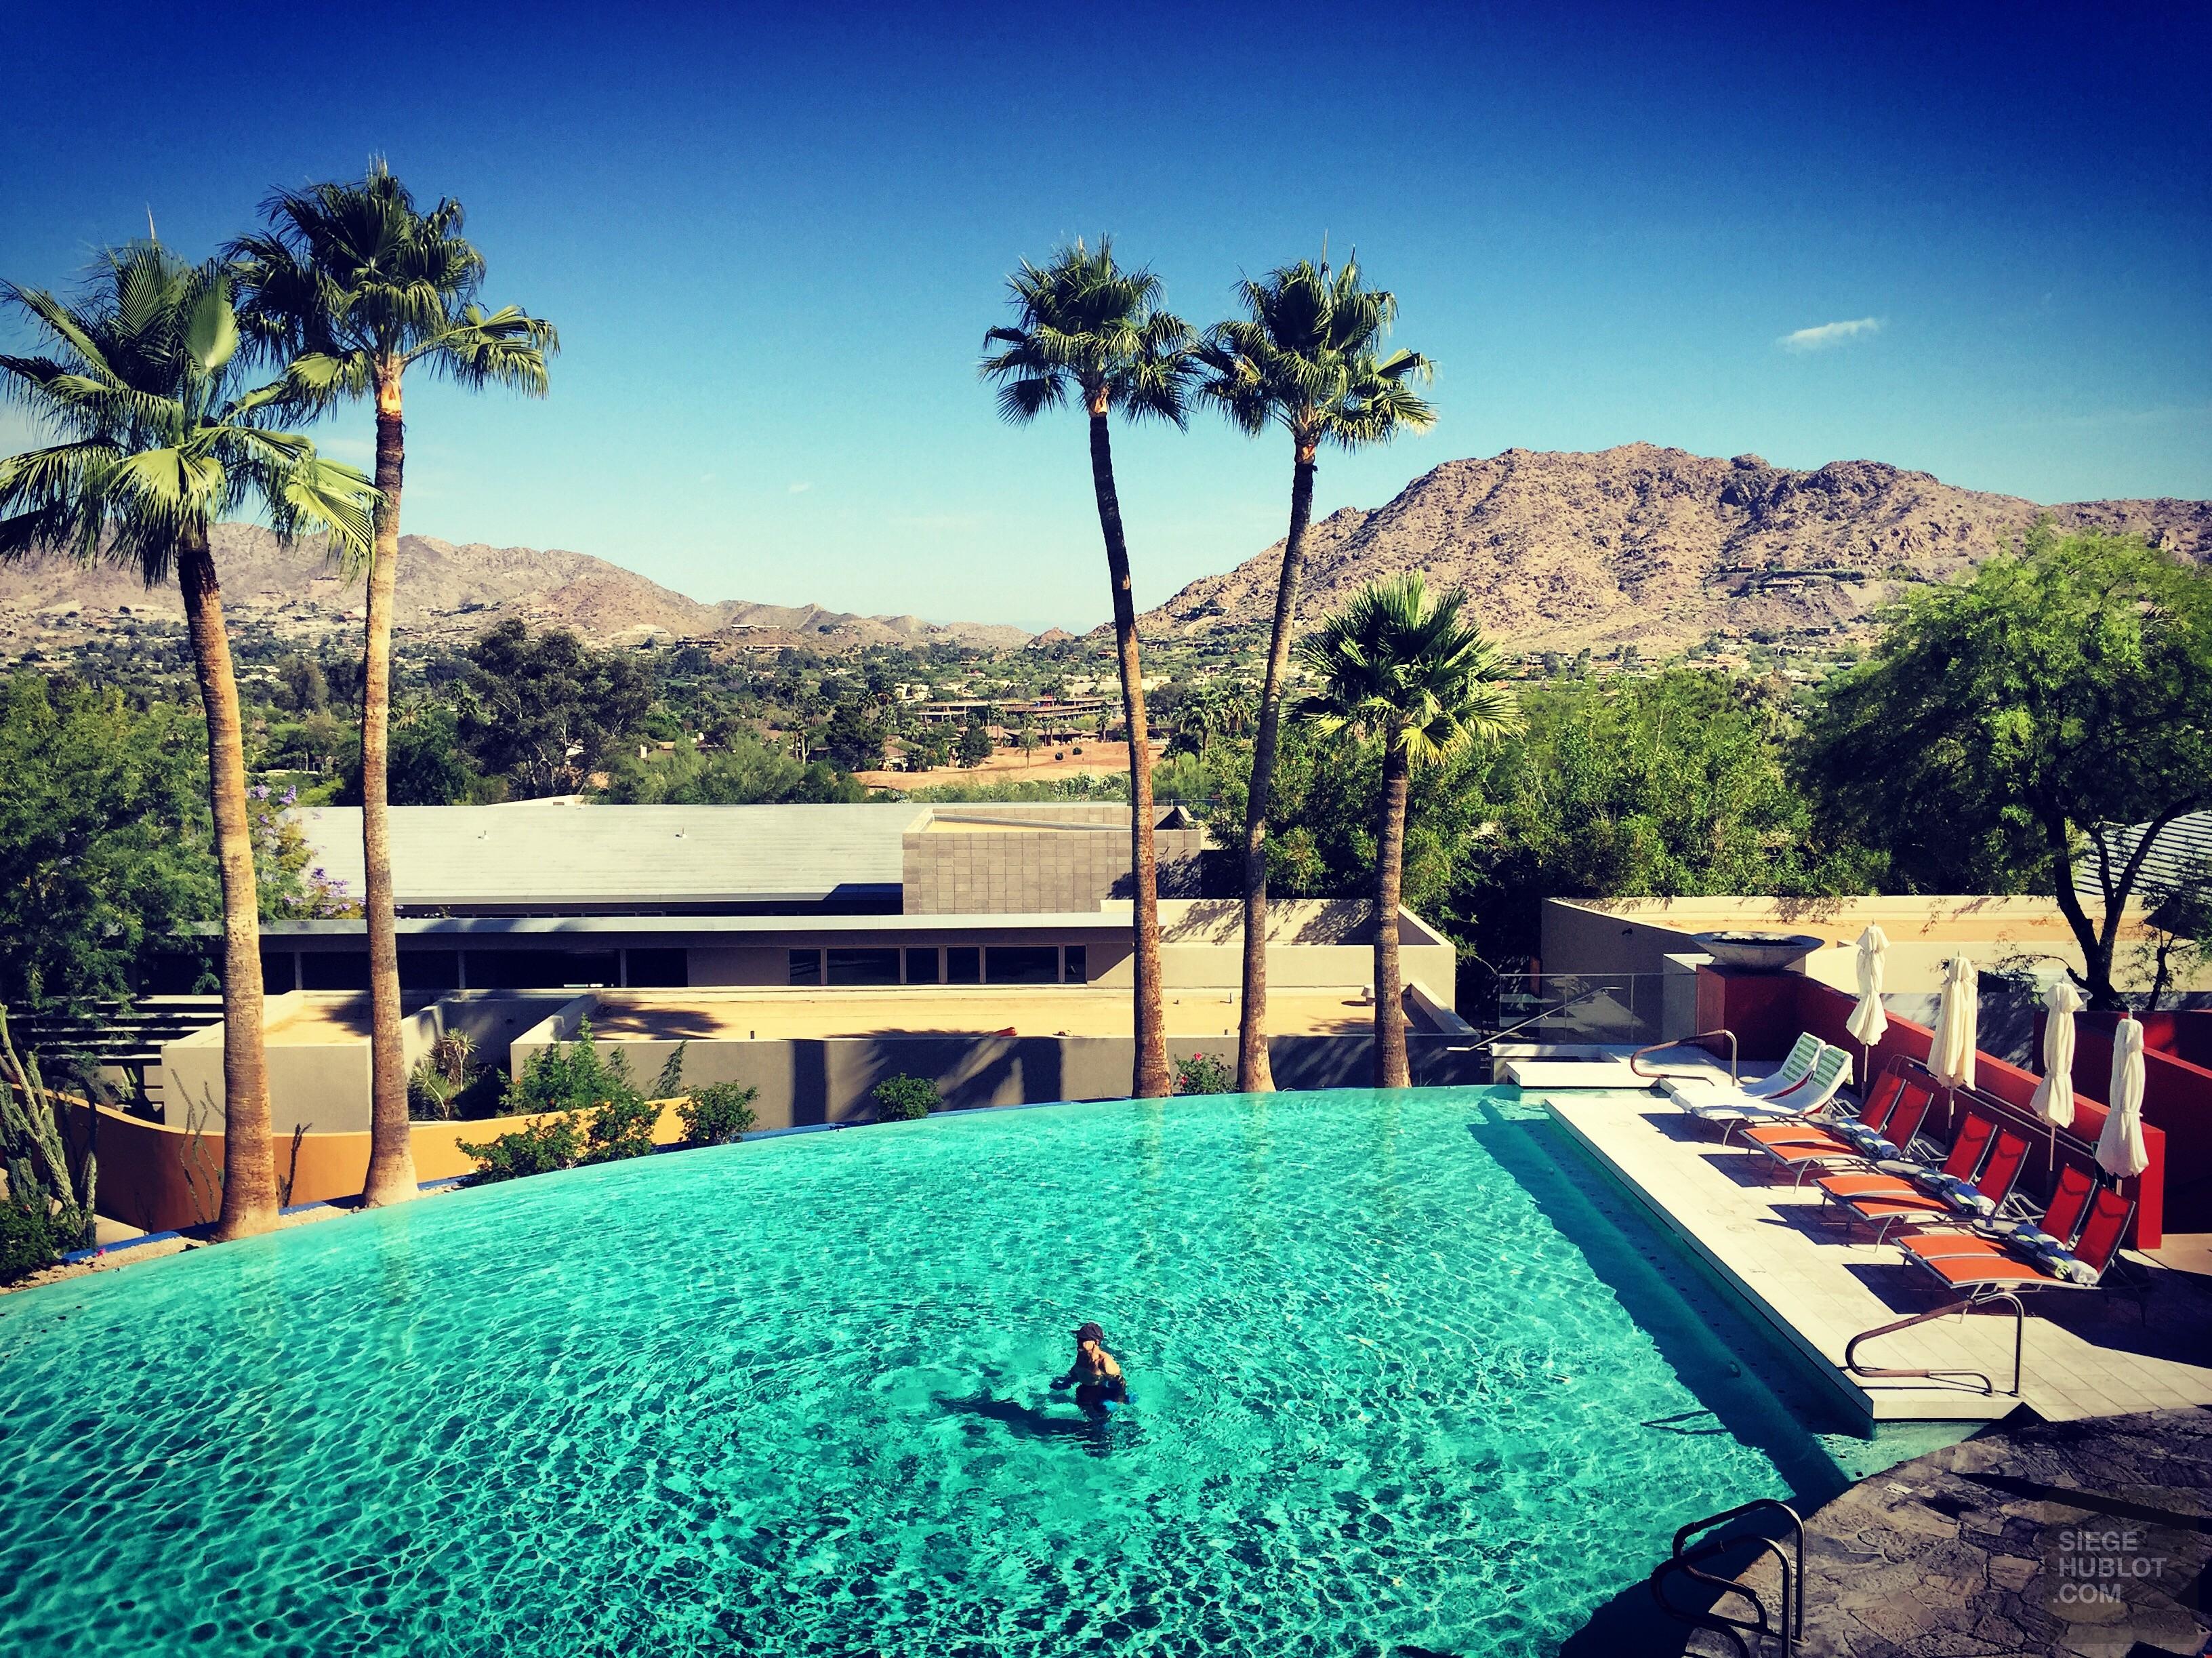 Carnet d'adresses à Scottsdale, AZ - hotels, etats-unis, arizona, amerique-du-nord, a-faire